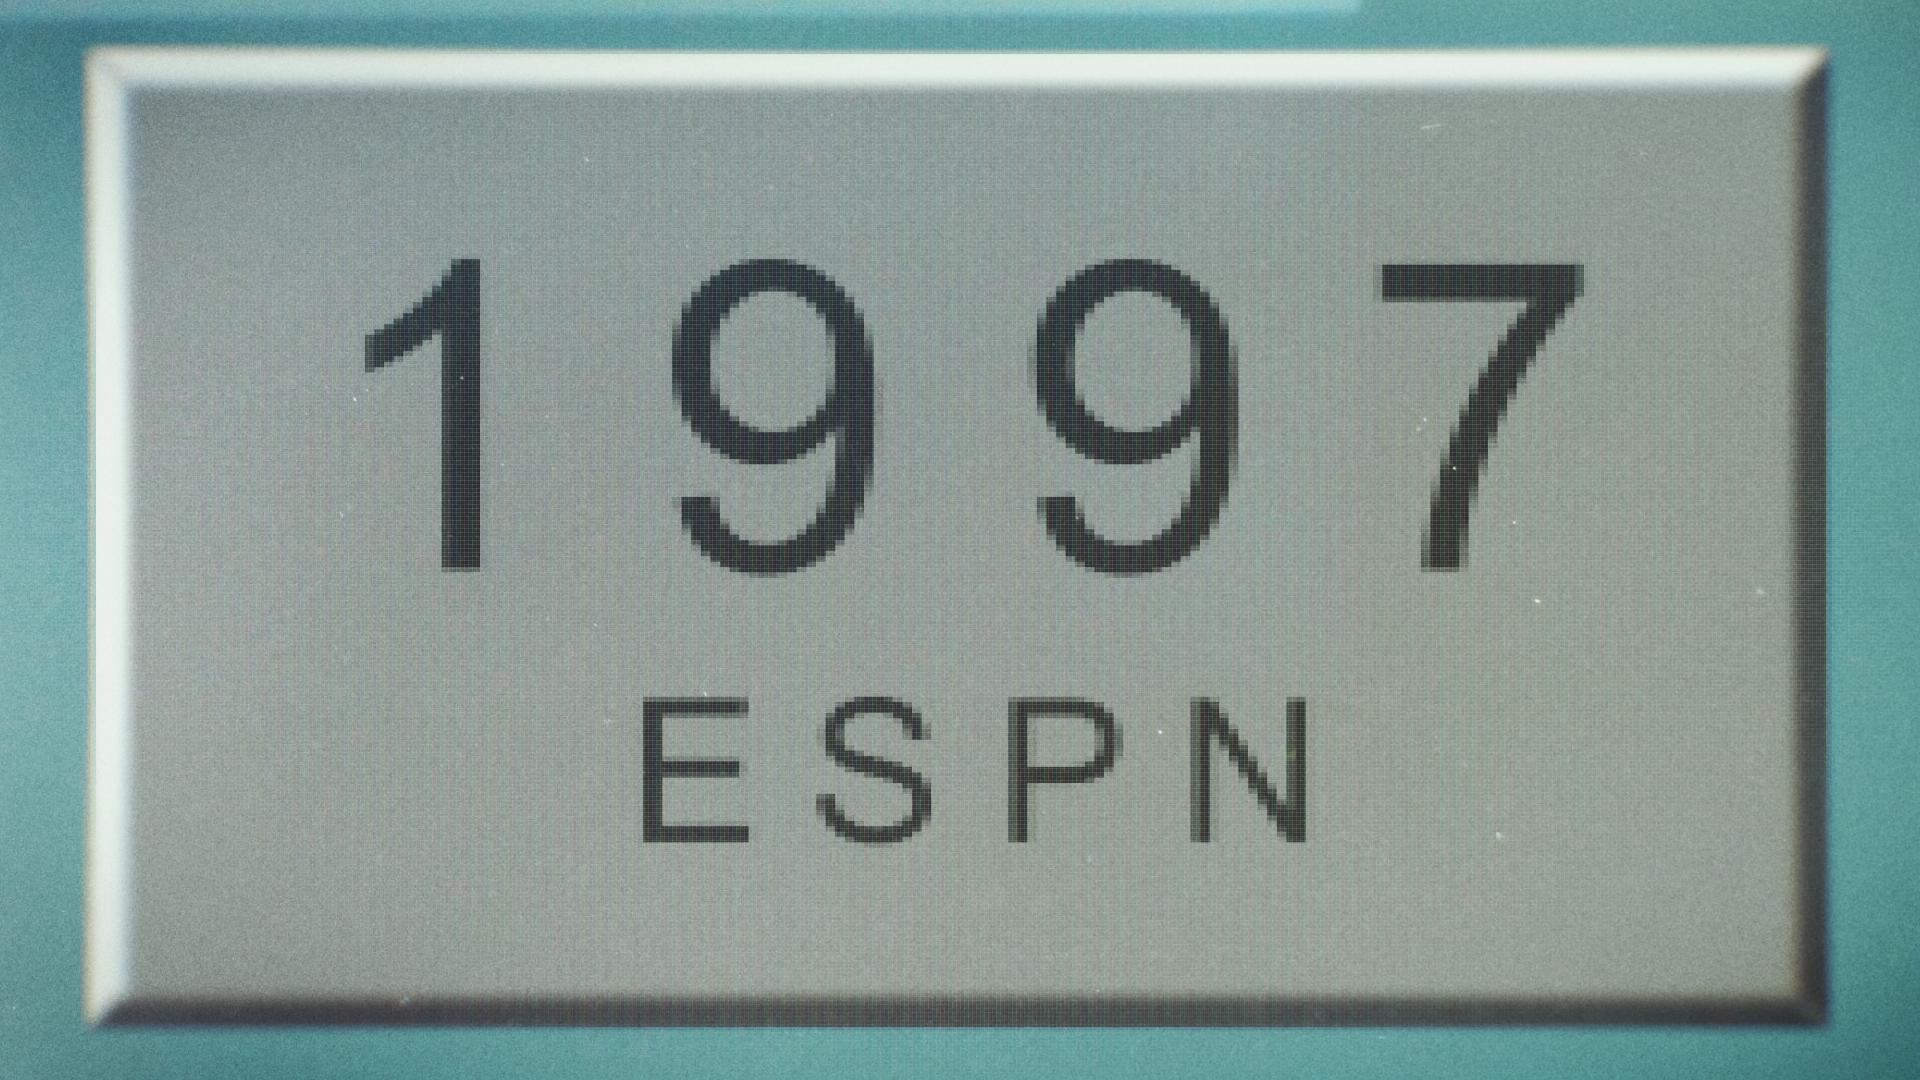 '1997 ESPN_00000.jpg